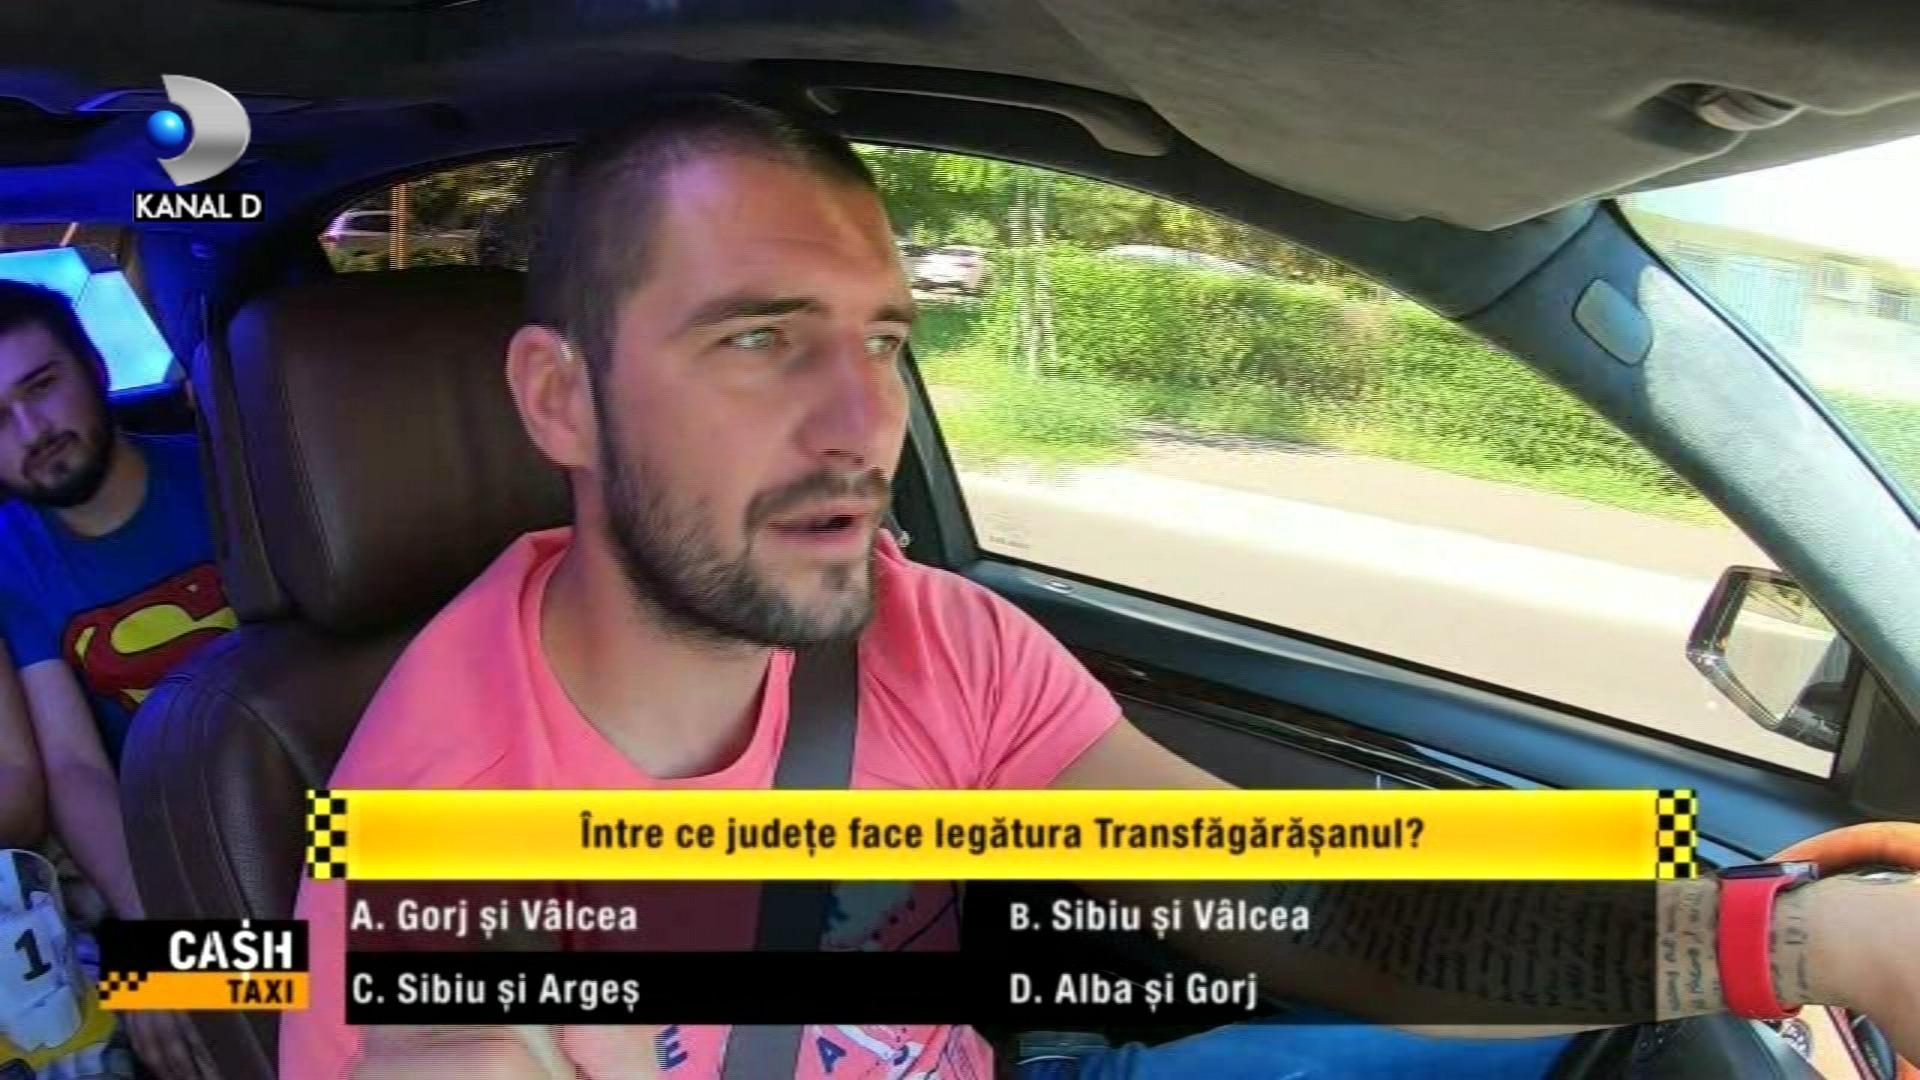 """Catalin Cazacu, pregatit sa dea banii unor pasageri isteti si pusi pe glume, in aceasta seara, intr-o noua editie de senzatie """"Cash Taxi"""", de la ora 23:00, la Kanal D!"""